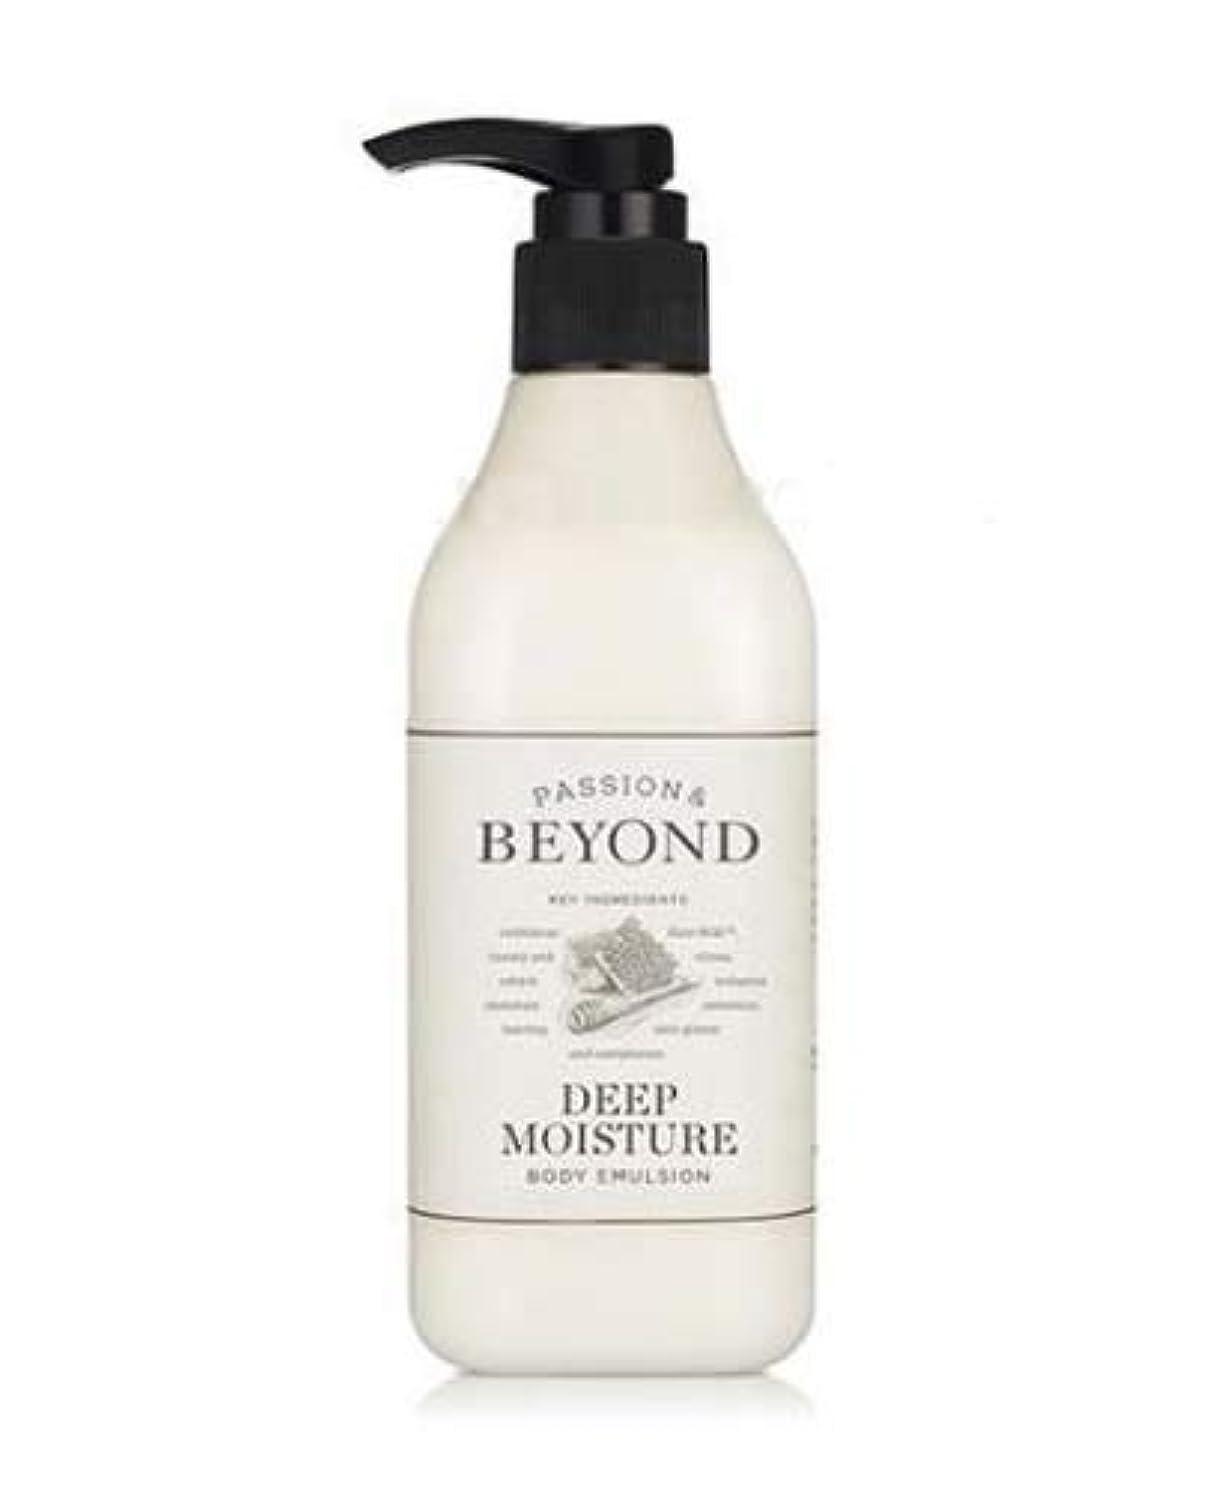 玉ねぎバズテレックス[ビヨンド] BEYOND [ディープモイスチャー ボディ エマルション 200ml] Deep Moisture Body Emulsion 200ml [海外直送品]